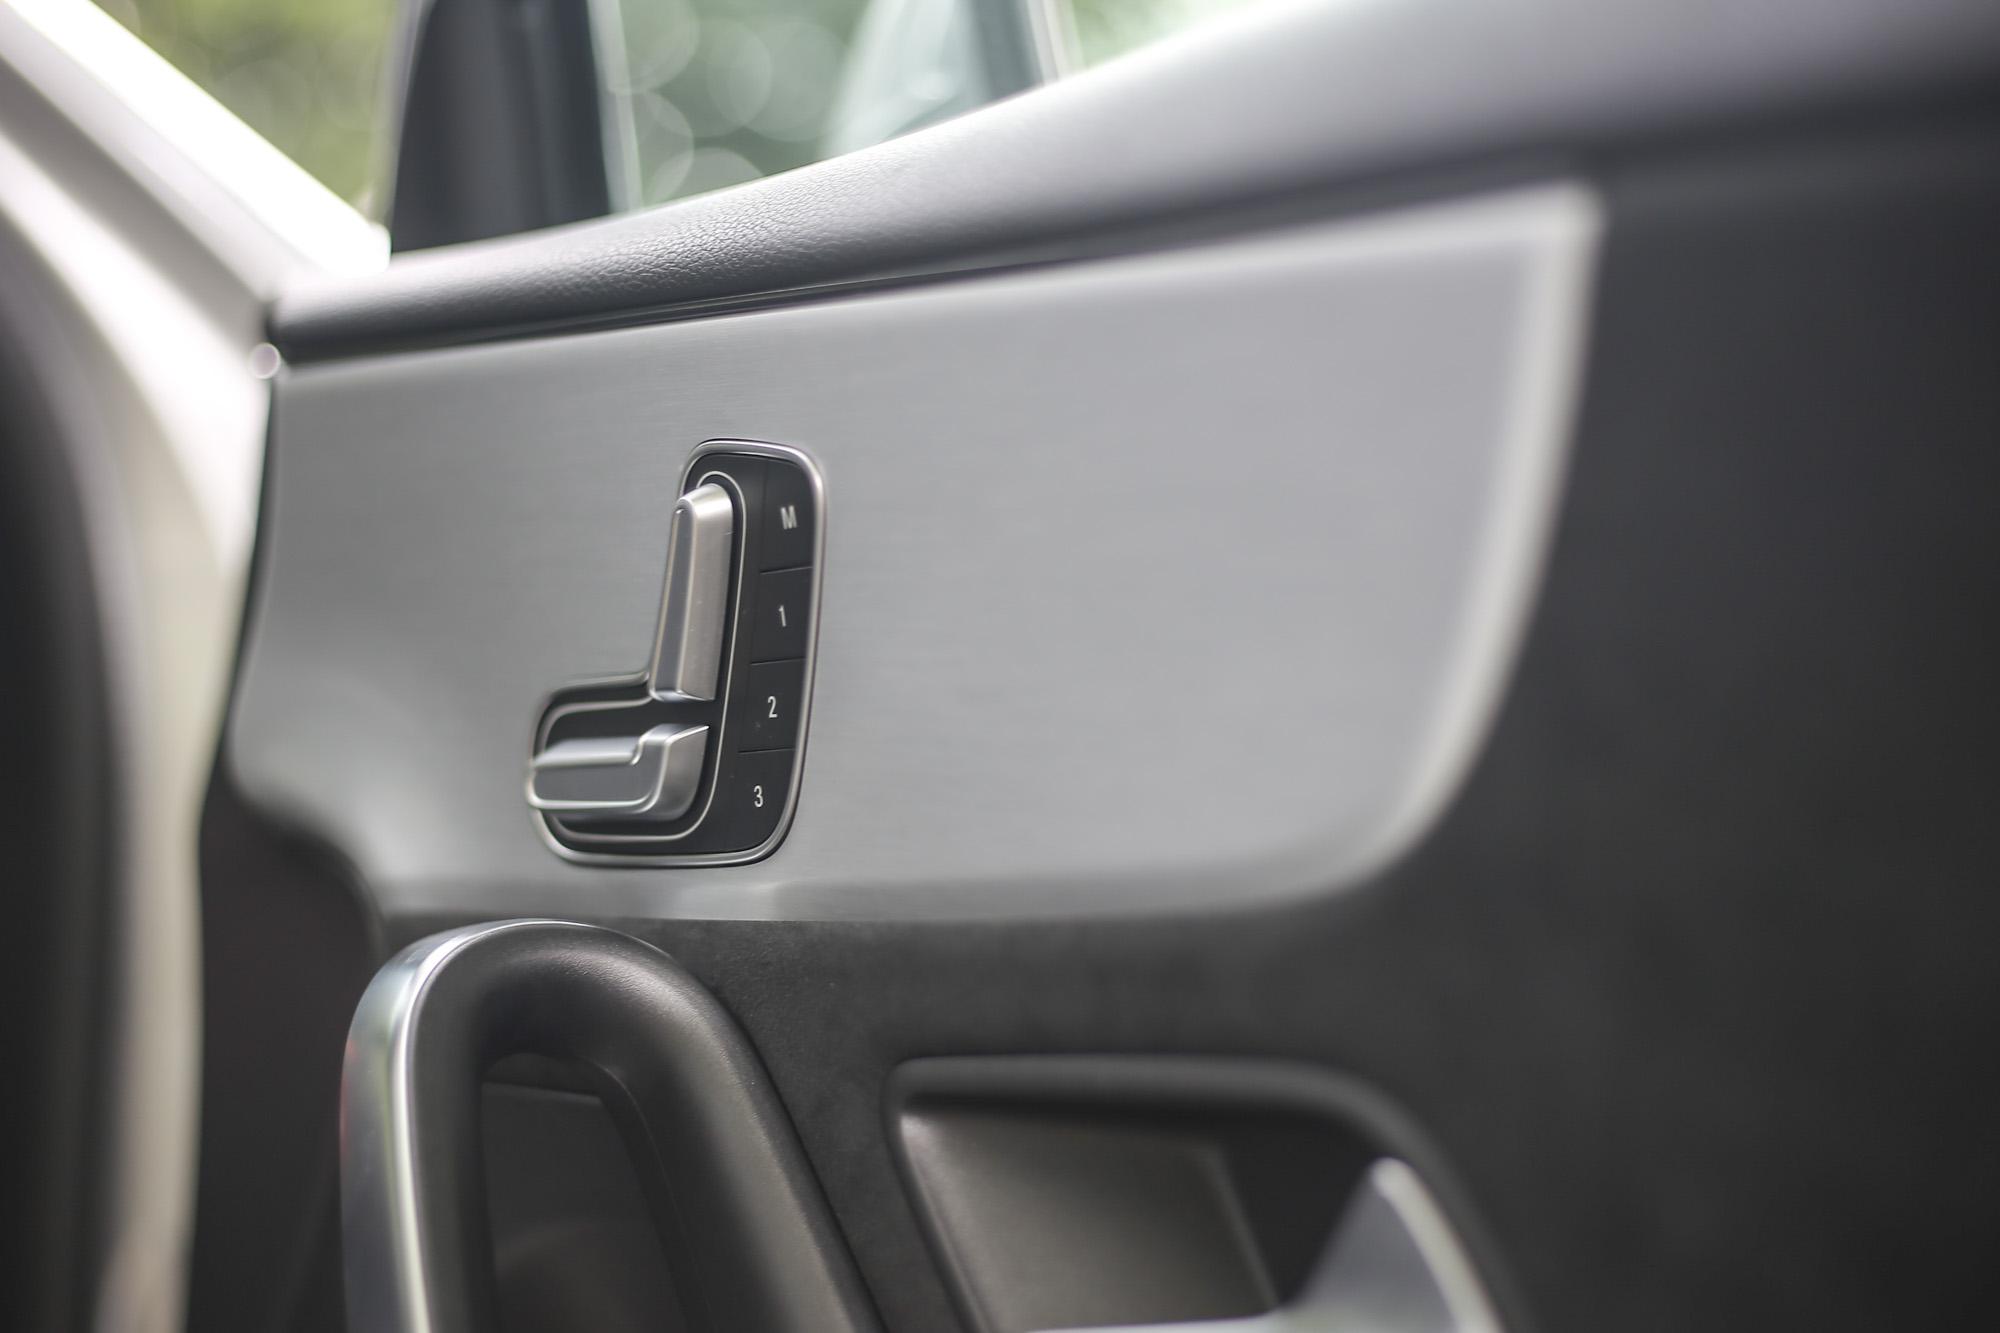 車門上的電動座椅調整機制也是Mercedes-Benz的特色,設計主意是為了避免車主配戴的昂貴手錶在調整電動座椅時刮傷。